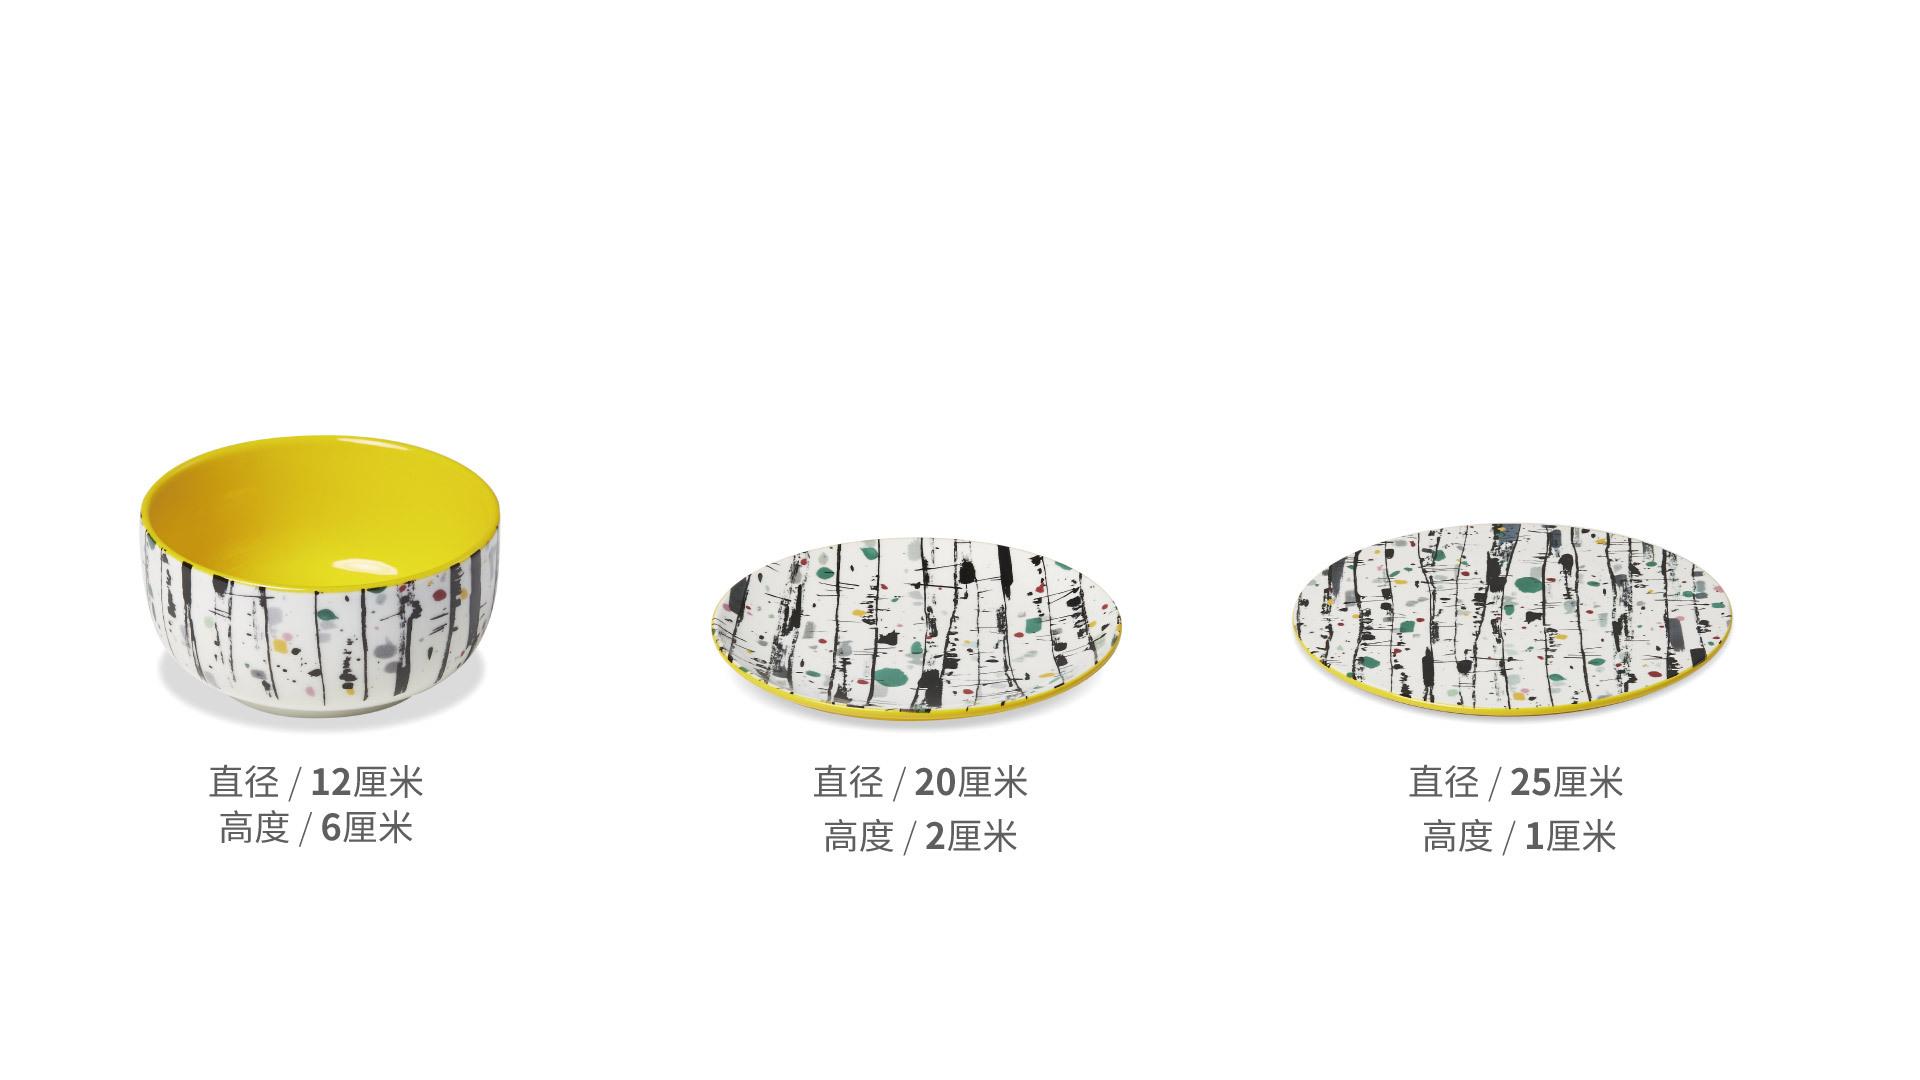 吴冠中艺术瓷餐具组-白桦林大尺寸碗碟套装餐具效果图